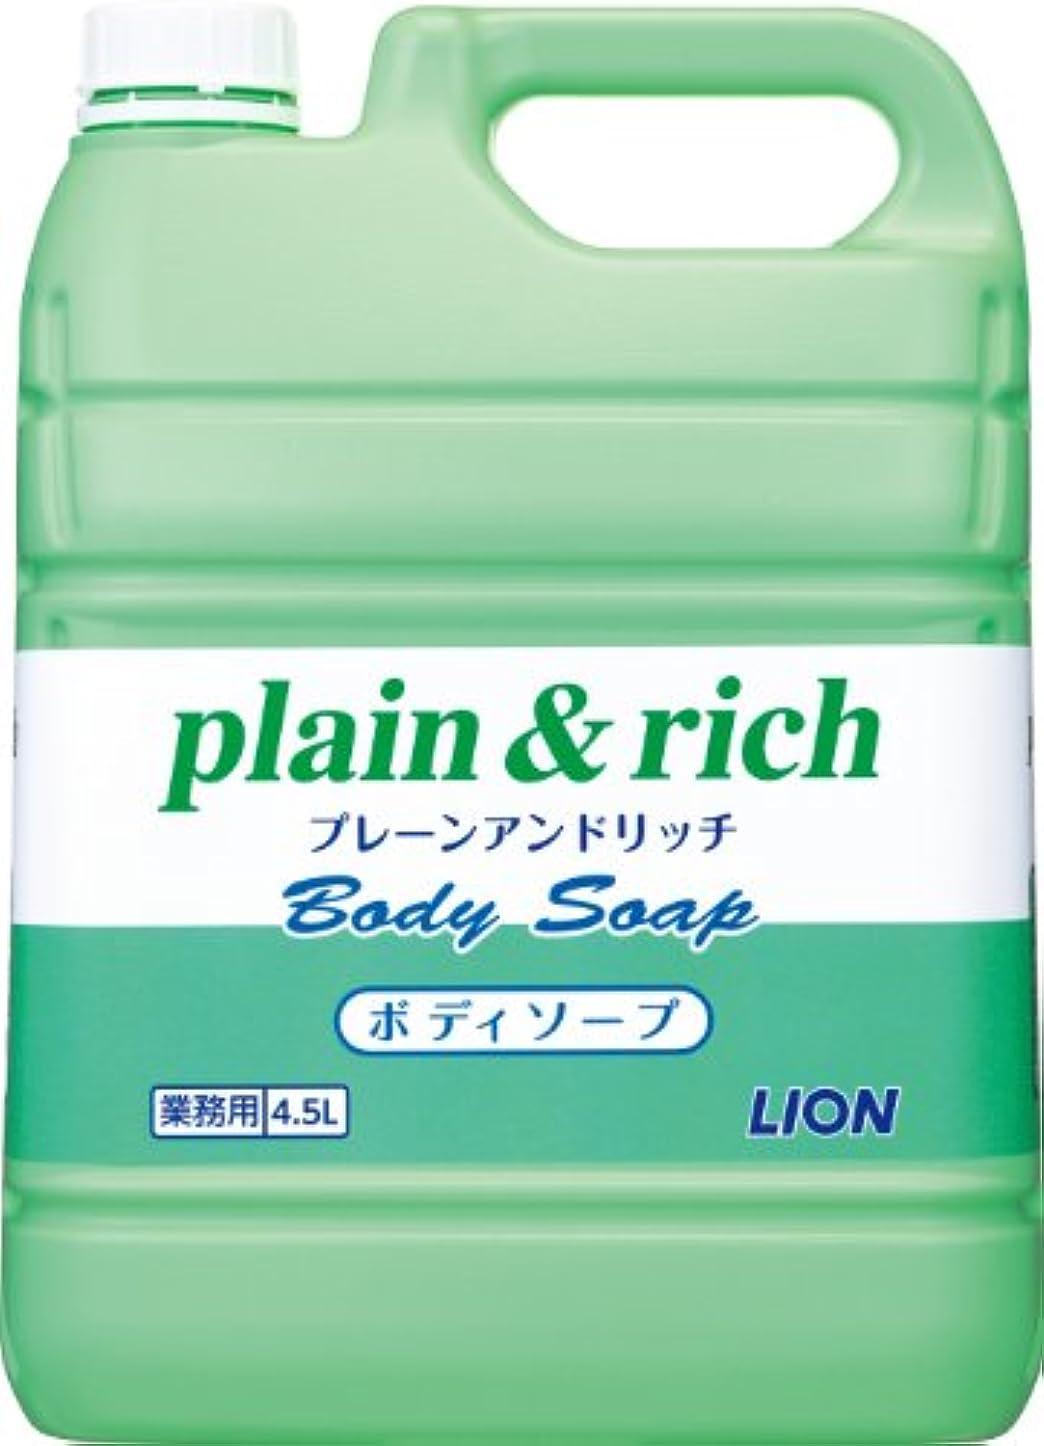 赤道持つ強い【業務用 大容量】プレーン&リッチ ボディソープ 4.5L